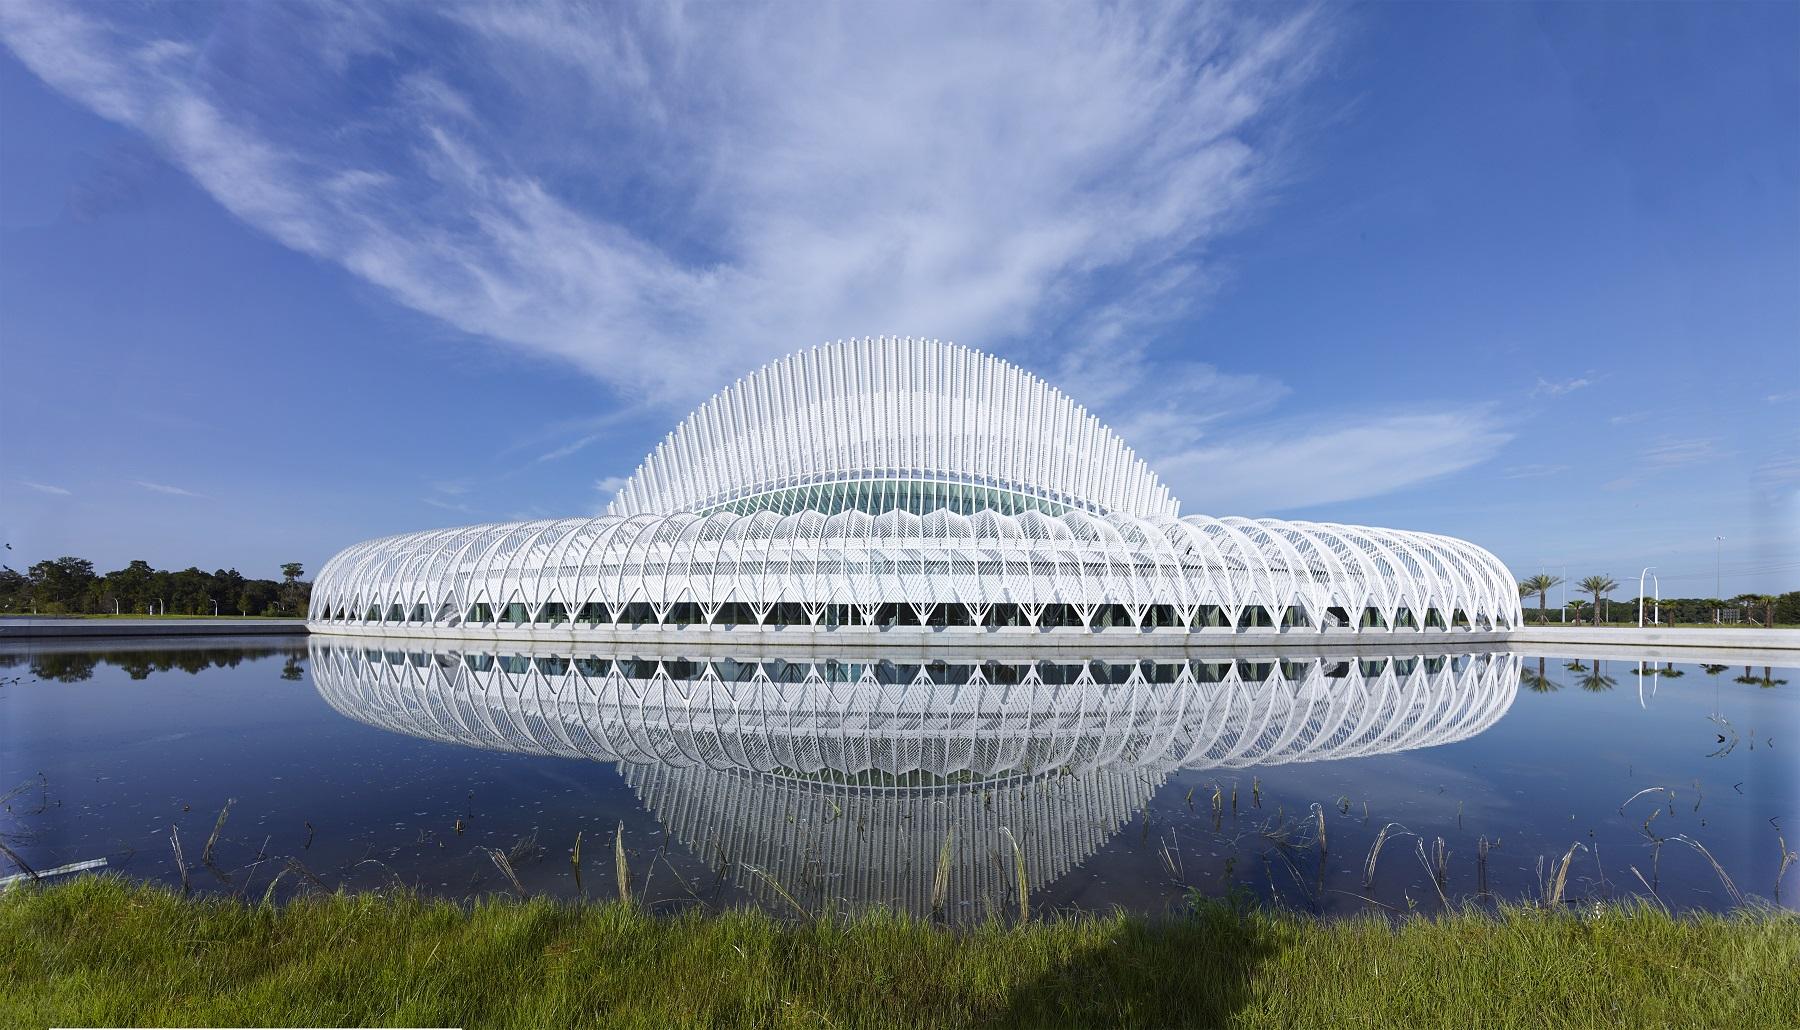 ساختمان نوآوری، علم و فناوری دانشگاه پلی تکنیک فلوریدا، اثر سانتیاگو کالاتراوا